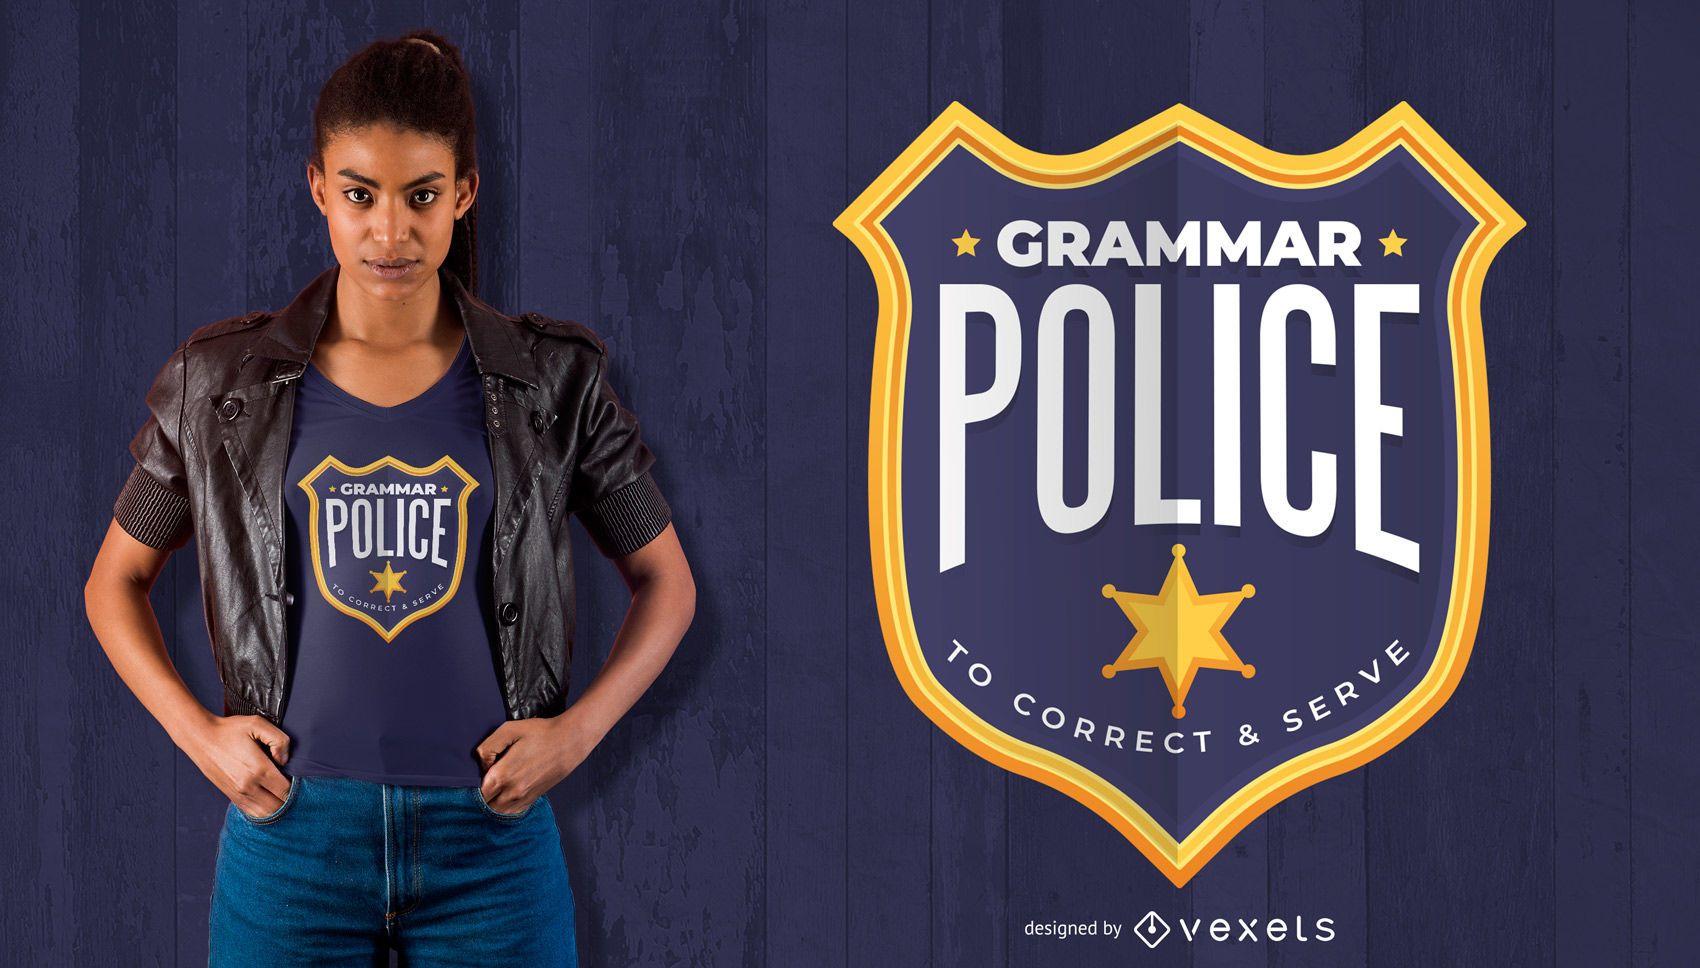 Diseño de camiseta Grammar Police Badge